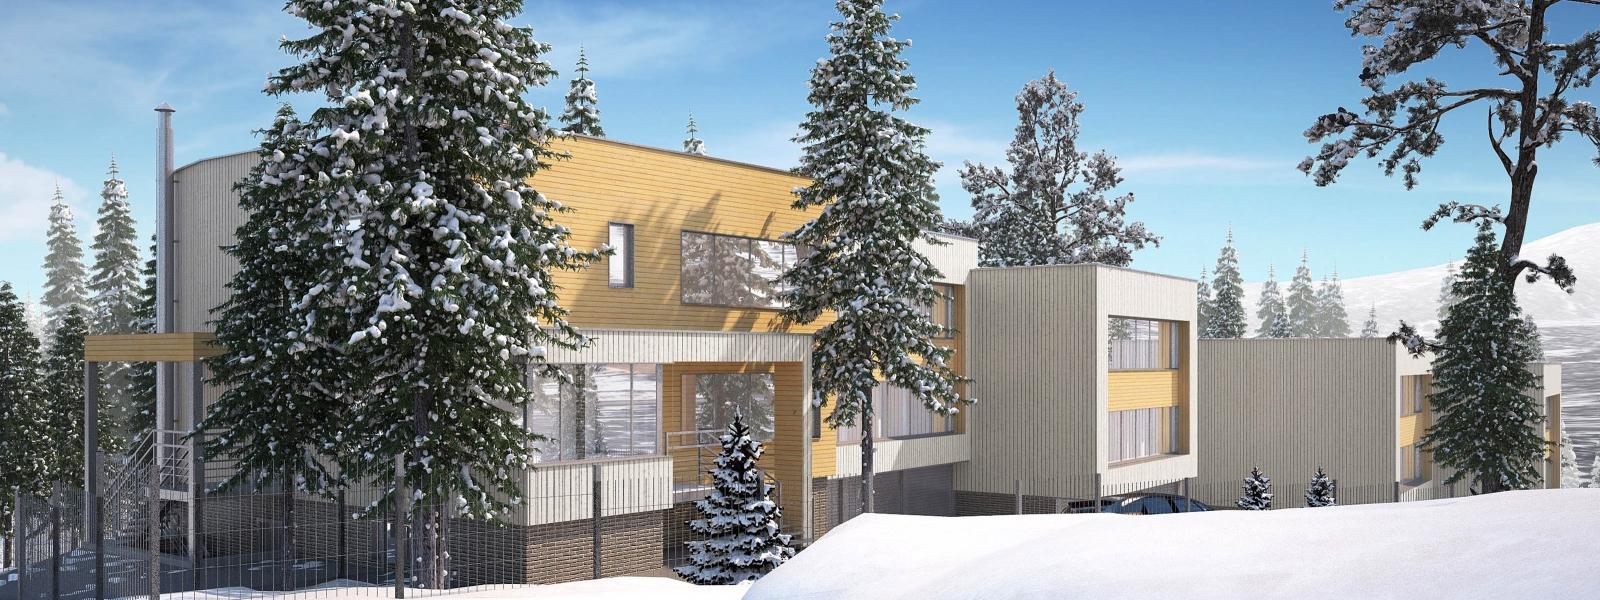 work-Проект мини-отеля для туристов, п. Шерегеш, Кемеровская область